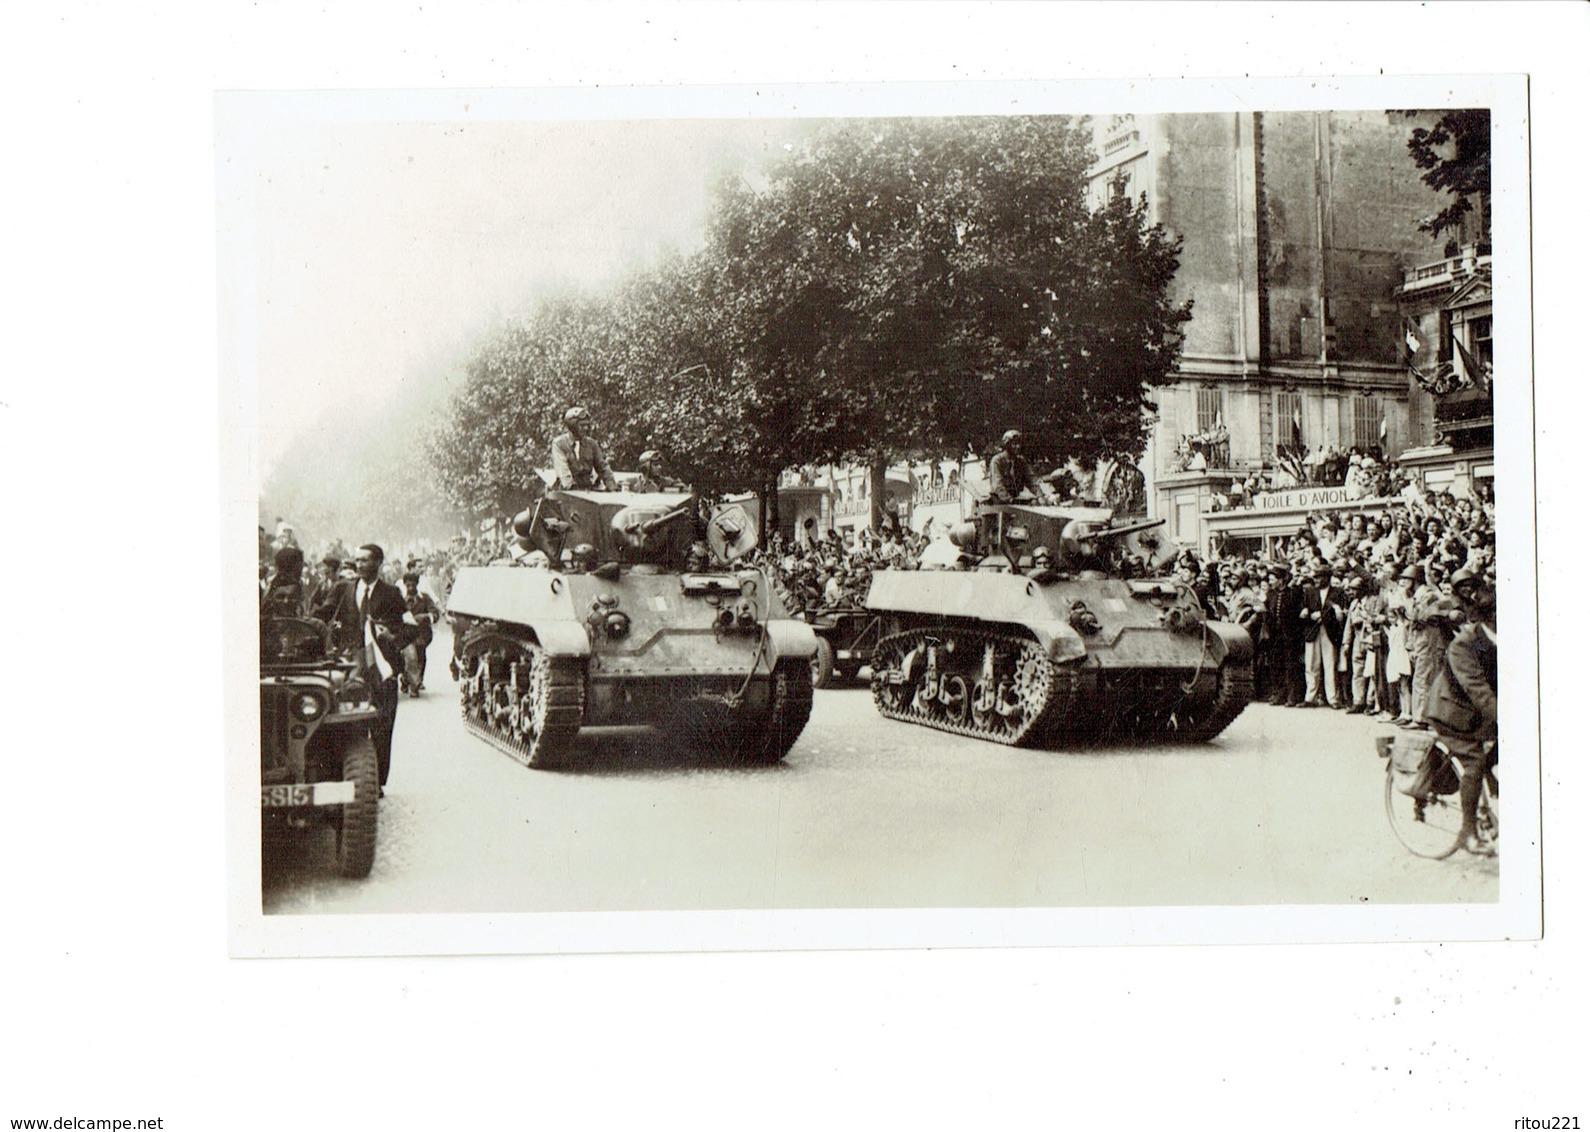 Cpm - Guerre 1939-1945 - Libération De Paris - Char Cortège Général De Gaulle - Bicyclette Soldat - Guerre 1939-45